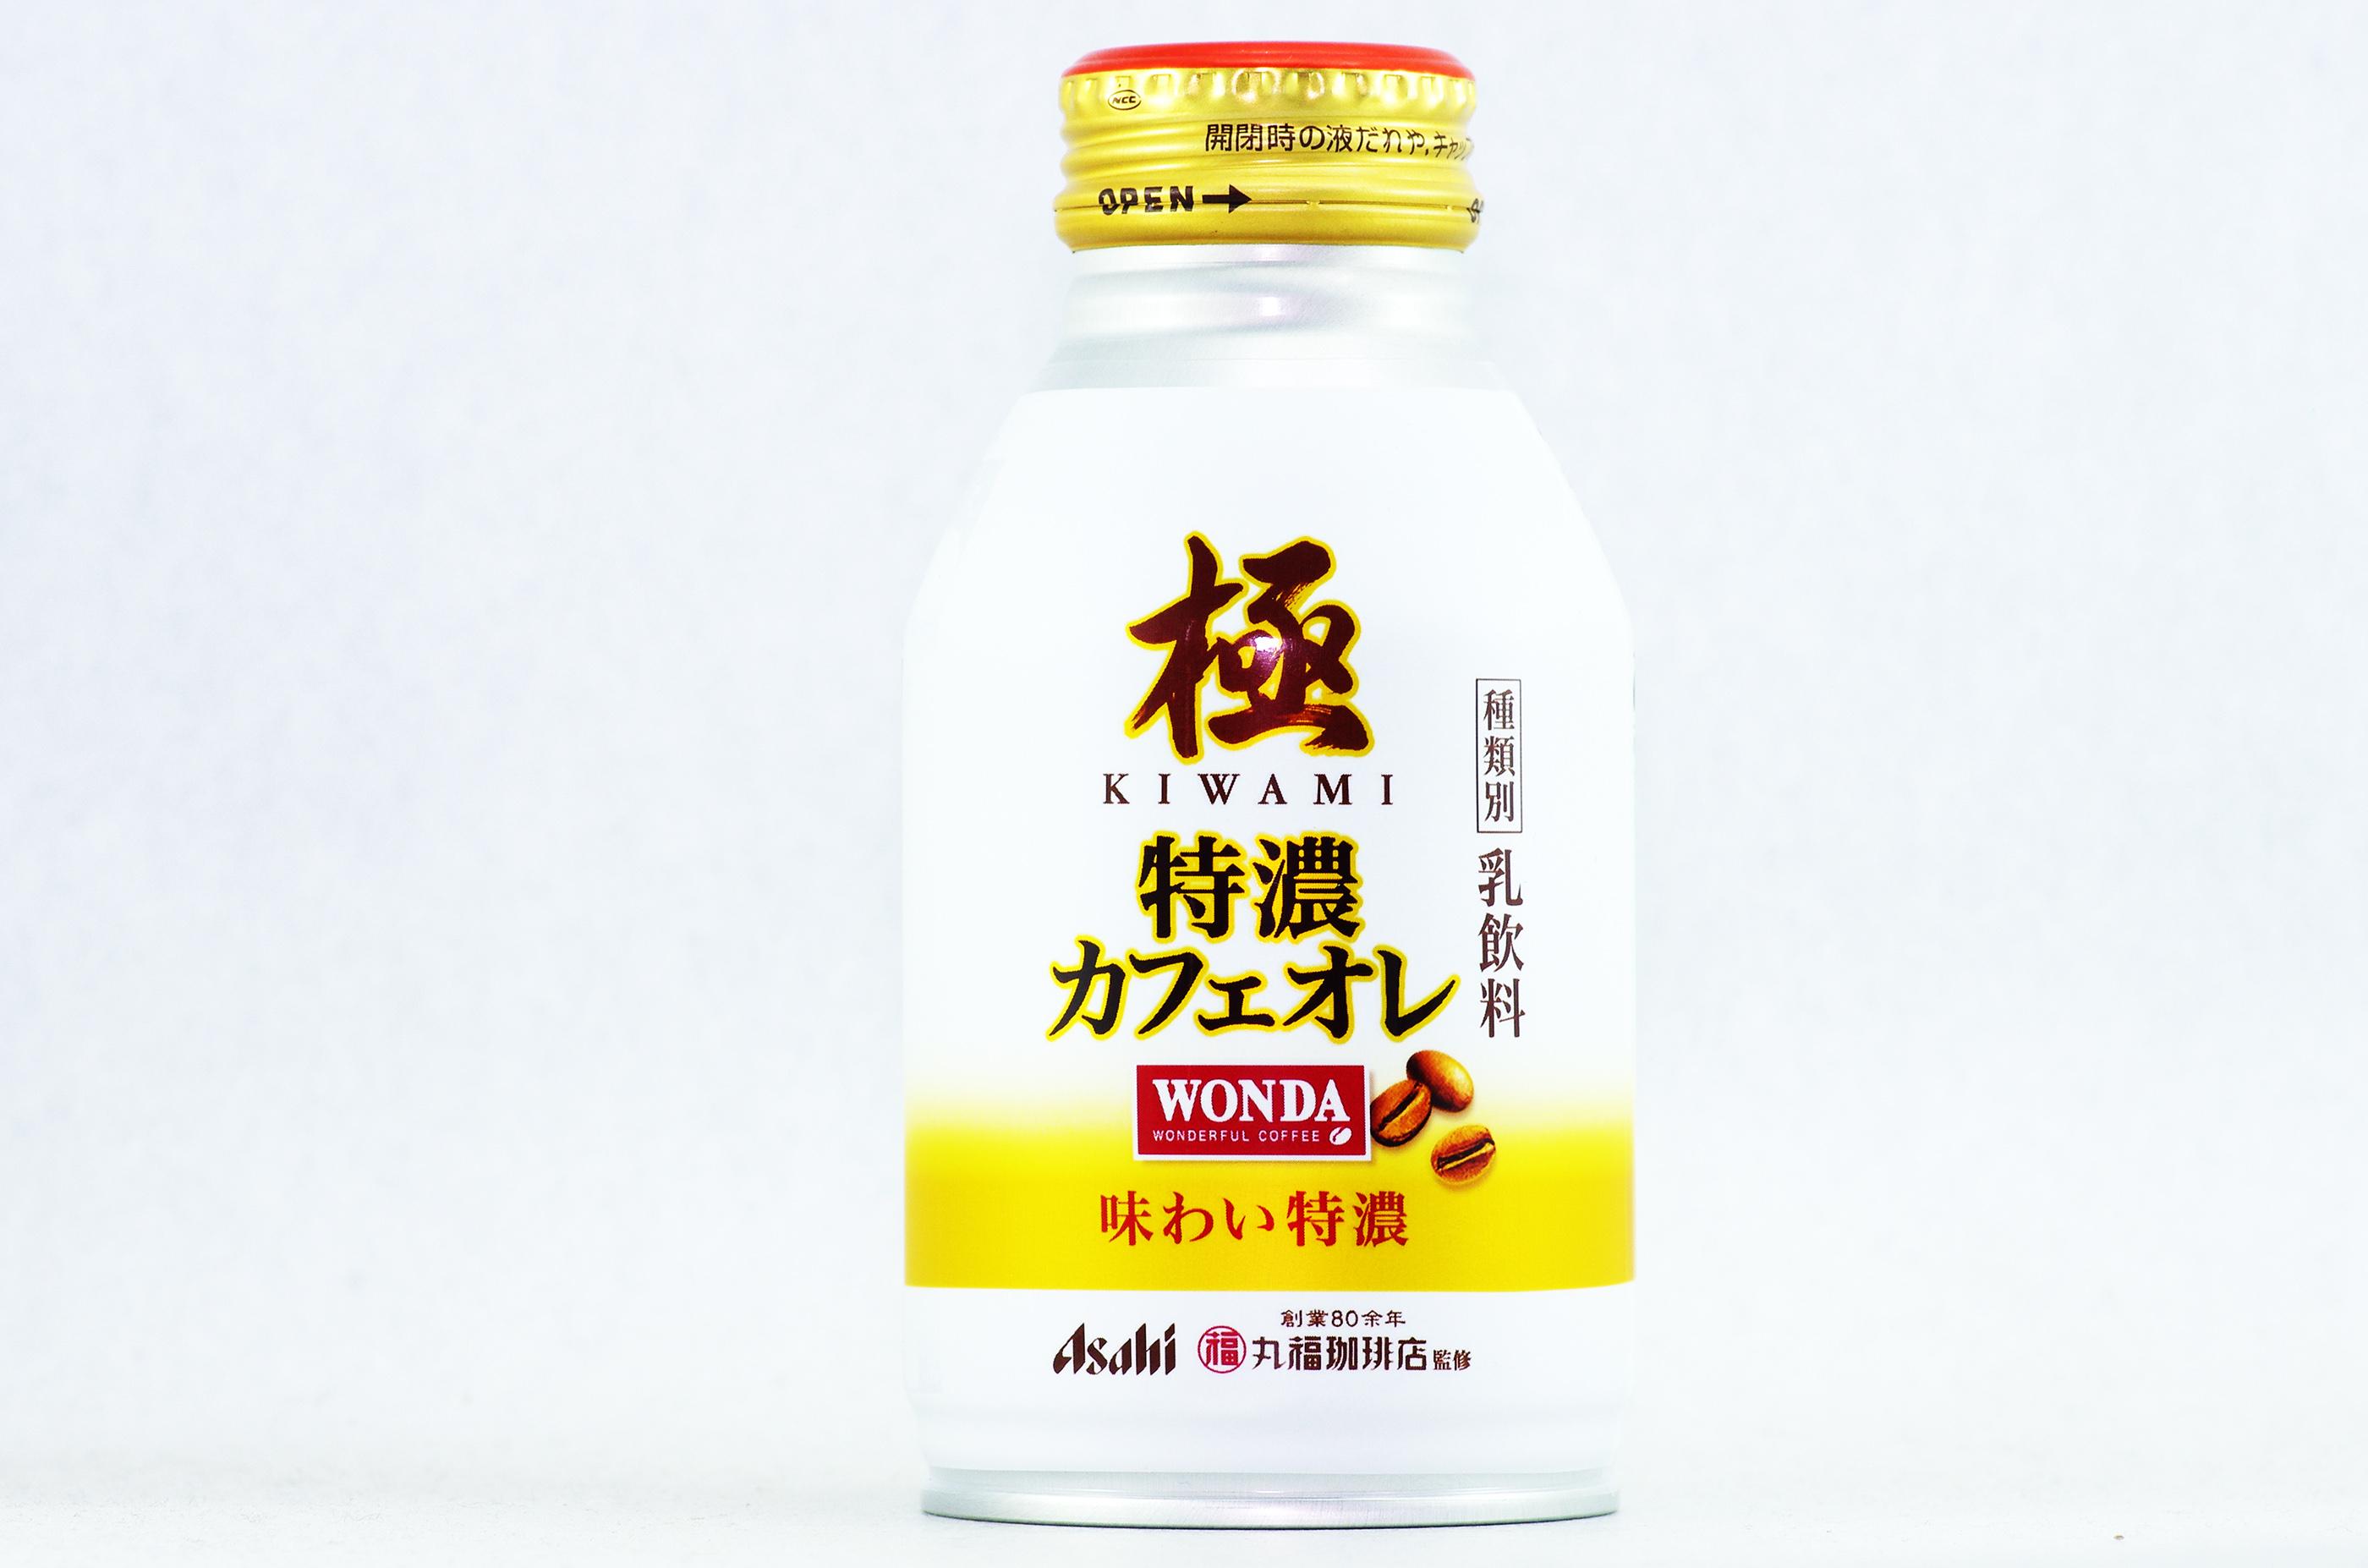 WONDA 微糖 ボトル缶260g 2018年9月